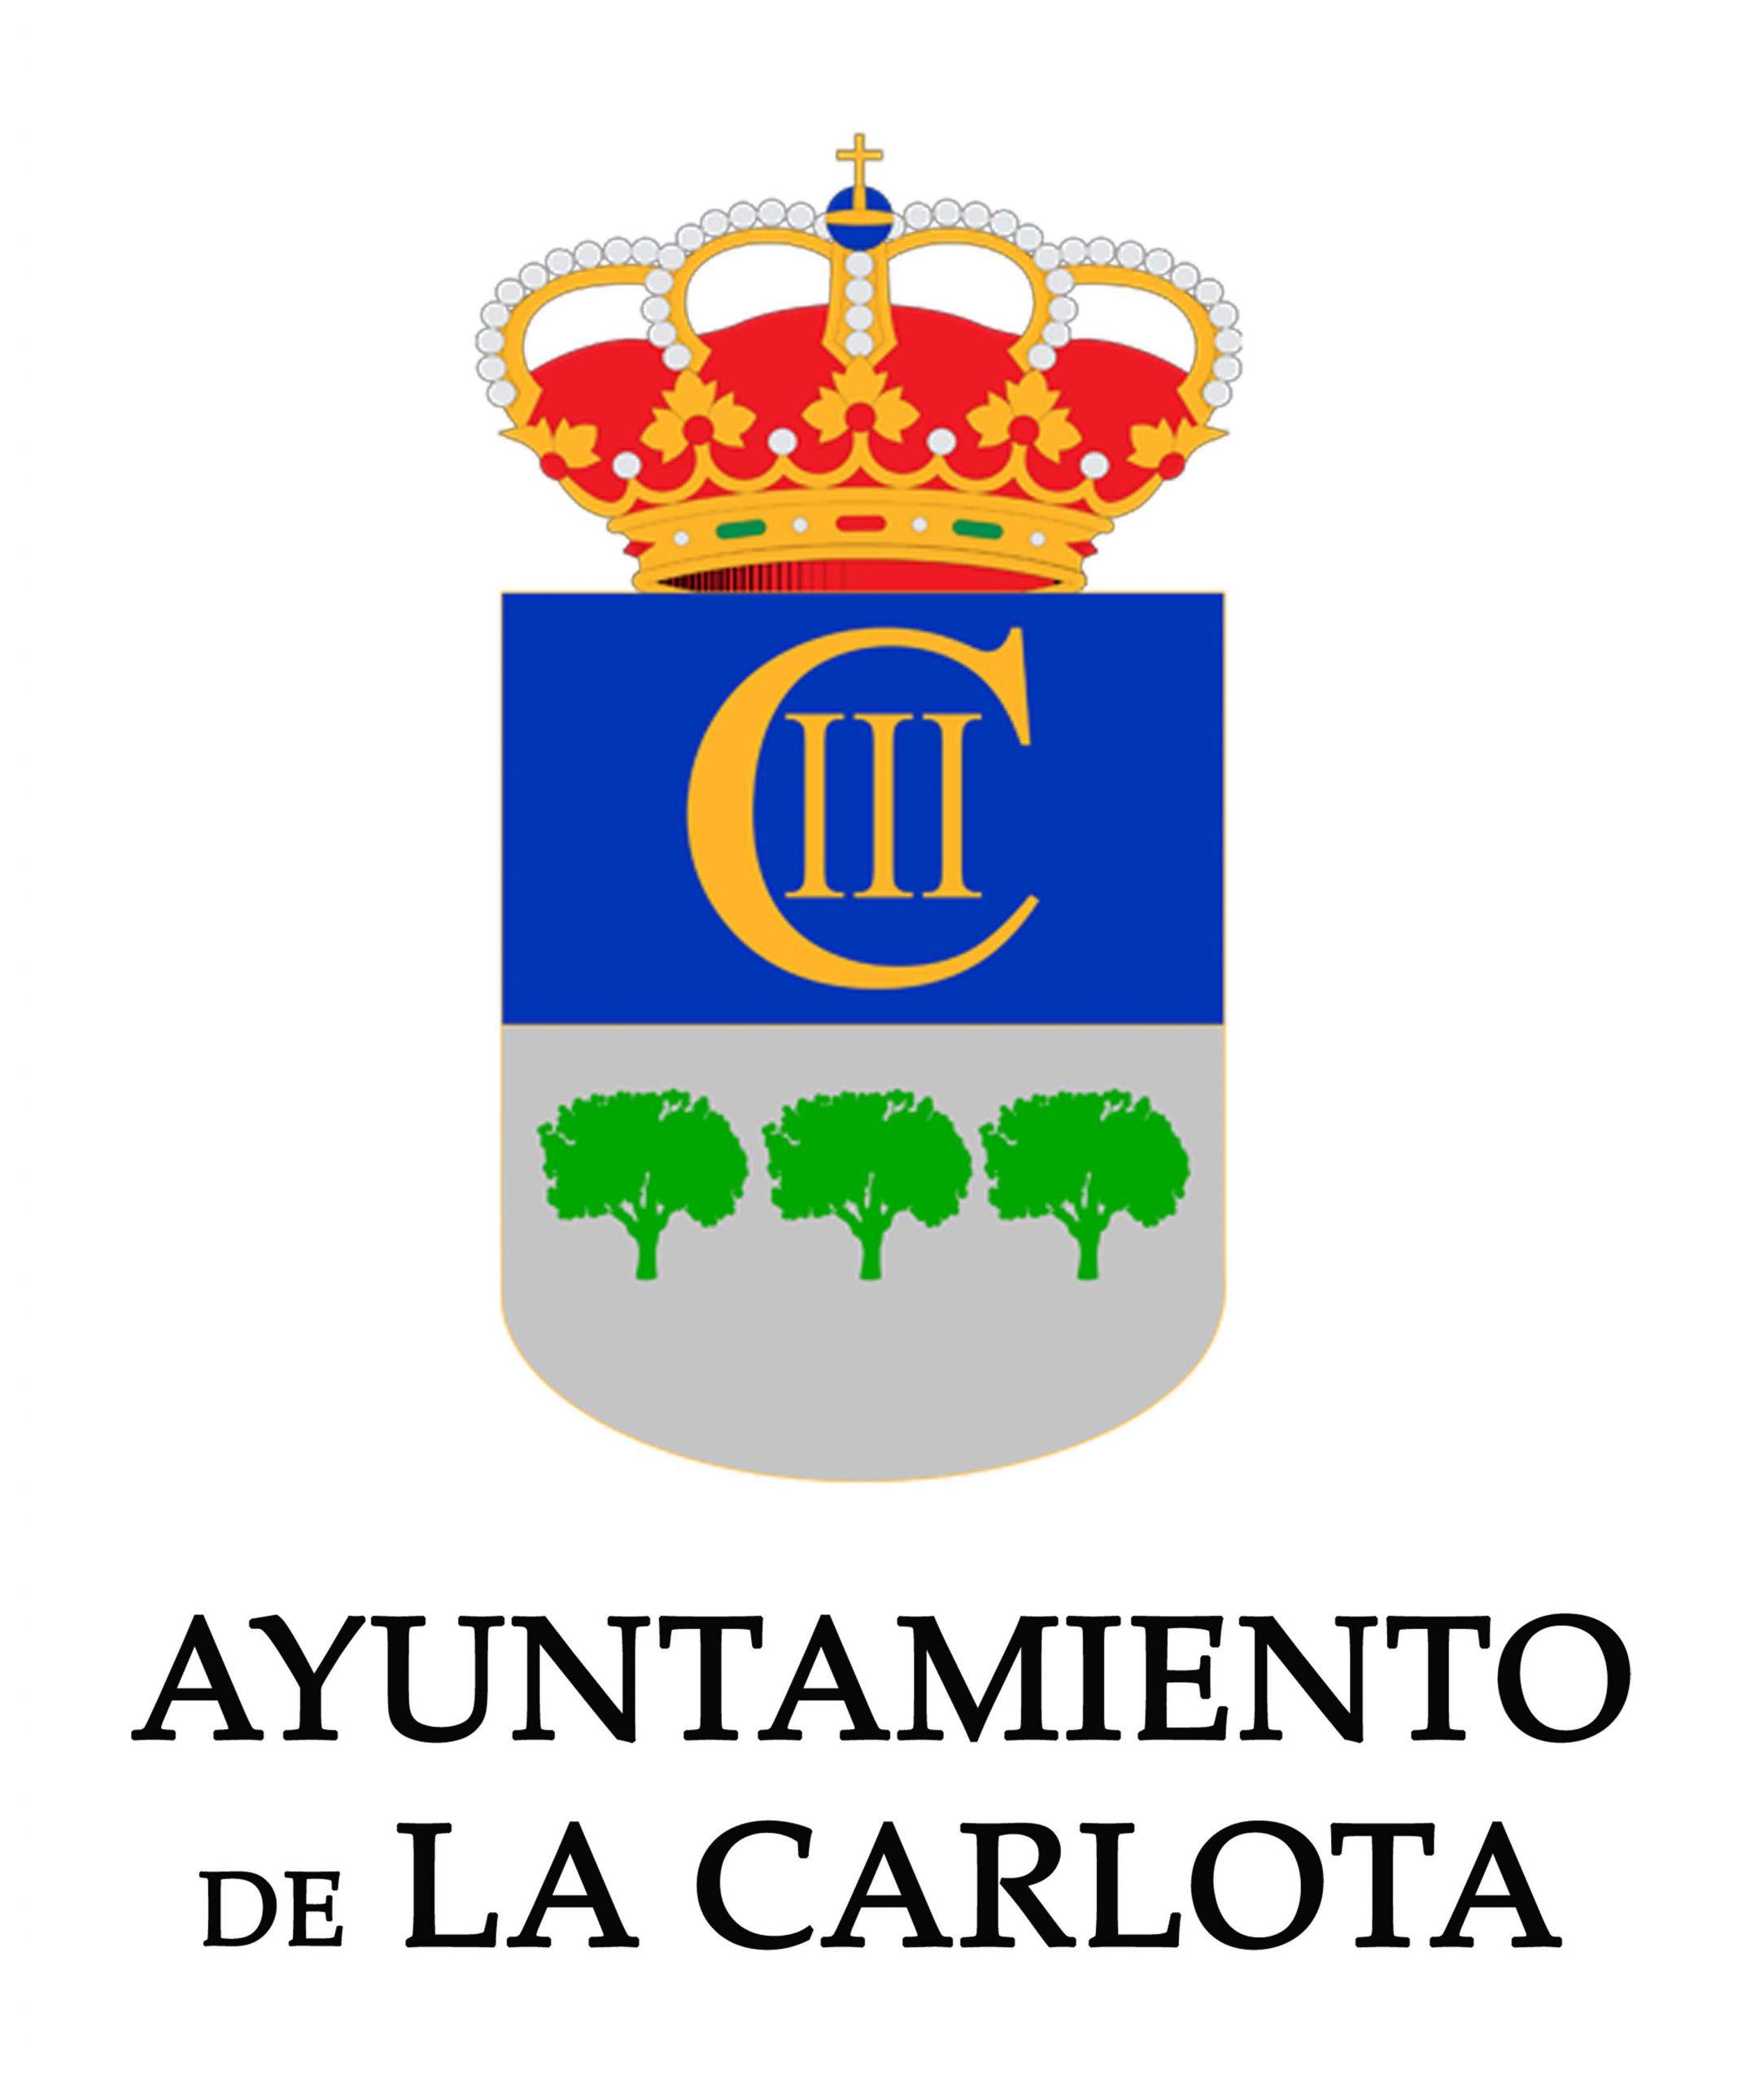 LA CARLOTA COMPUTA SEIS NUEVOS POSITIVOS DE COVID-19 1